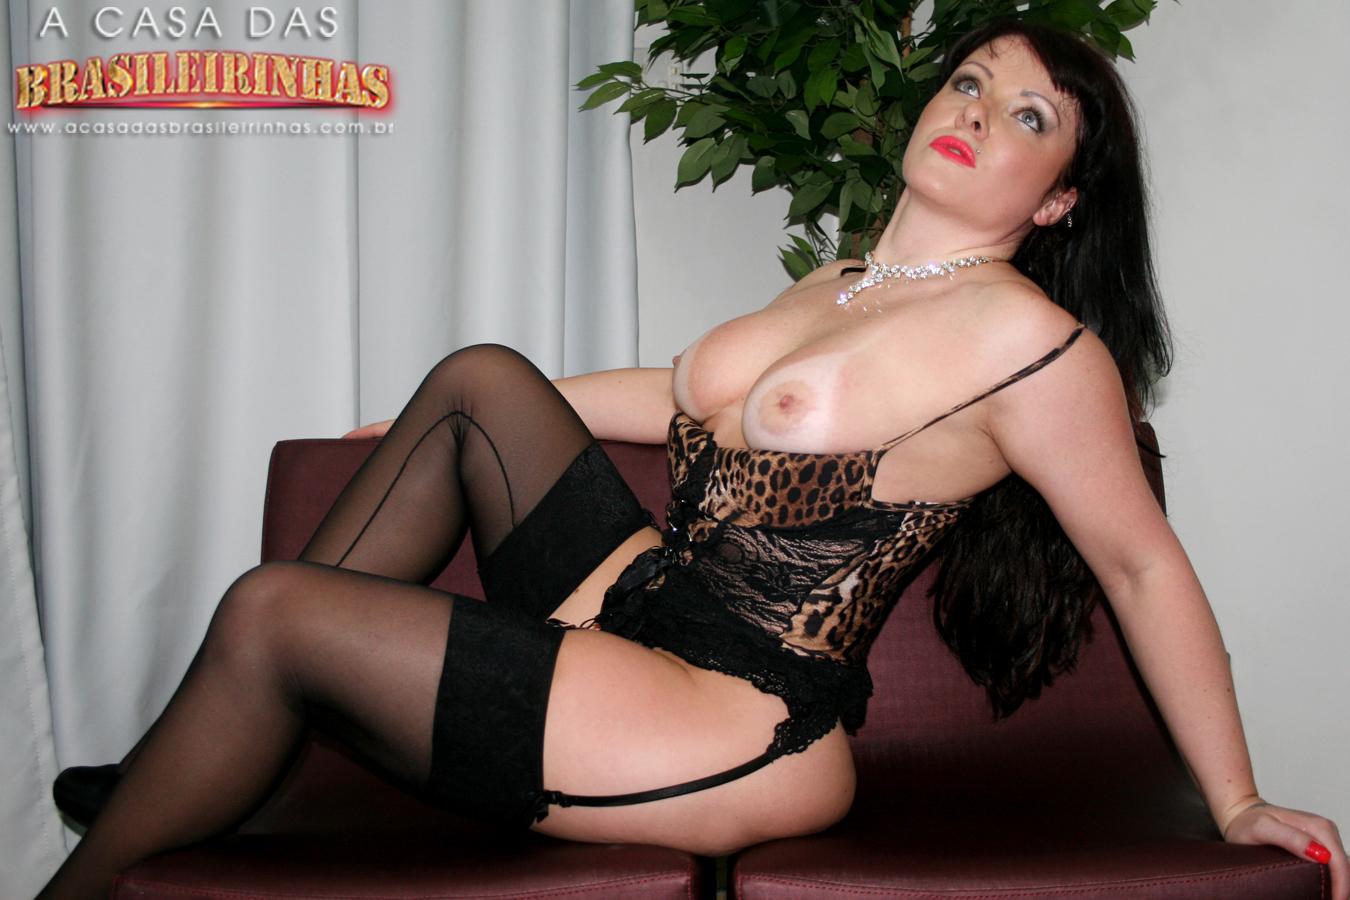 gabriela-portiolli-mostrando-os-peitos-sentada-de-lingerie.jpg